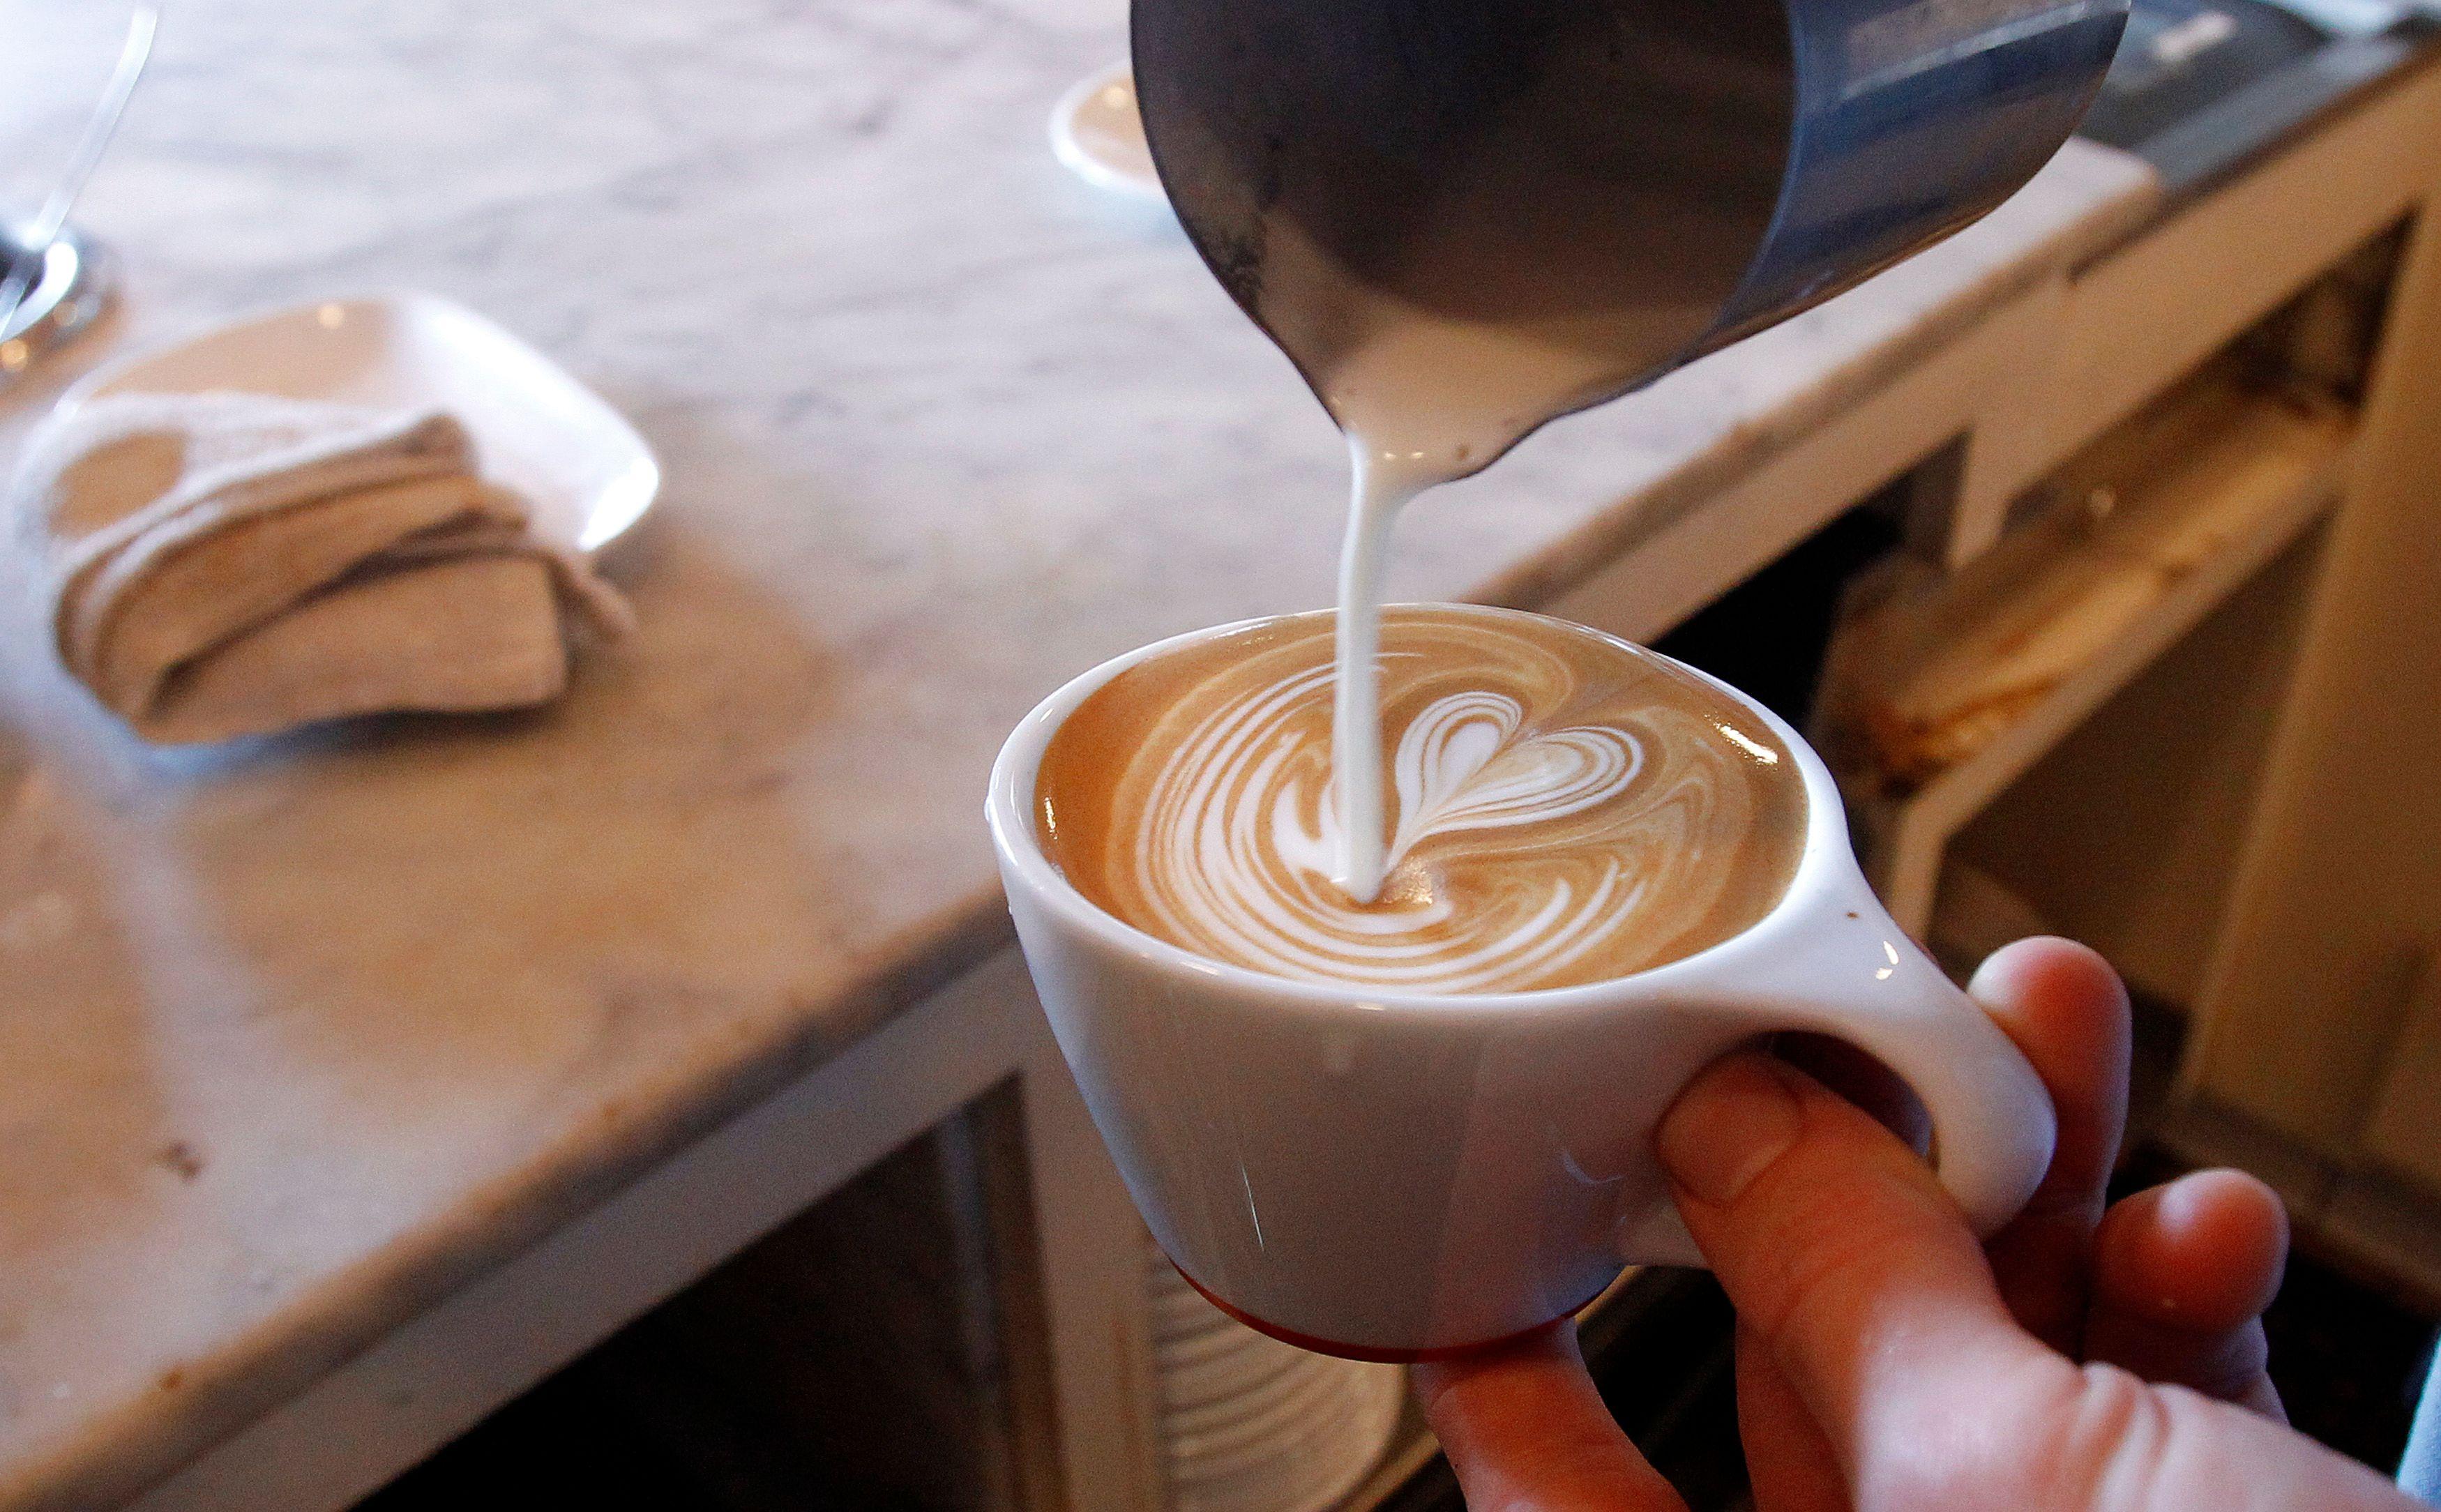 Le ressenti dû au café est propre à chacun.